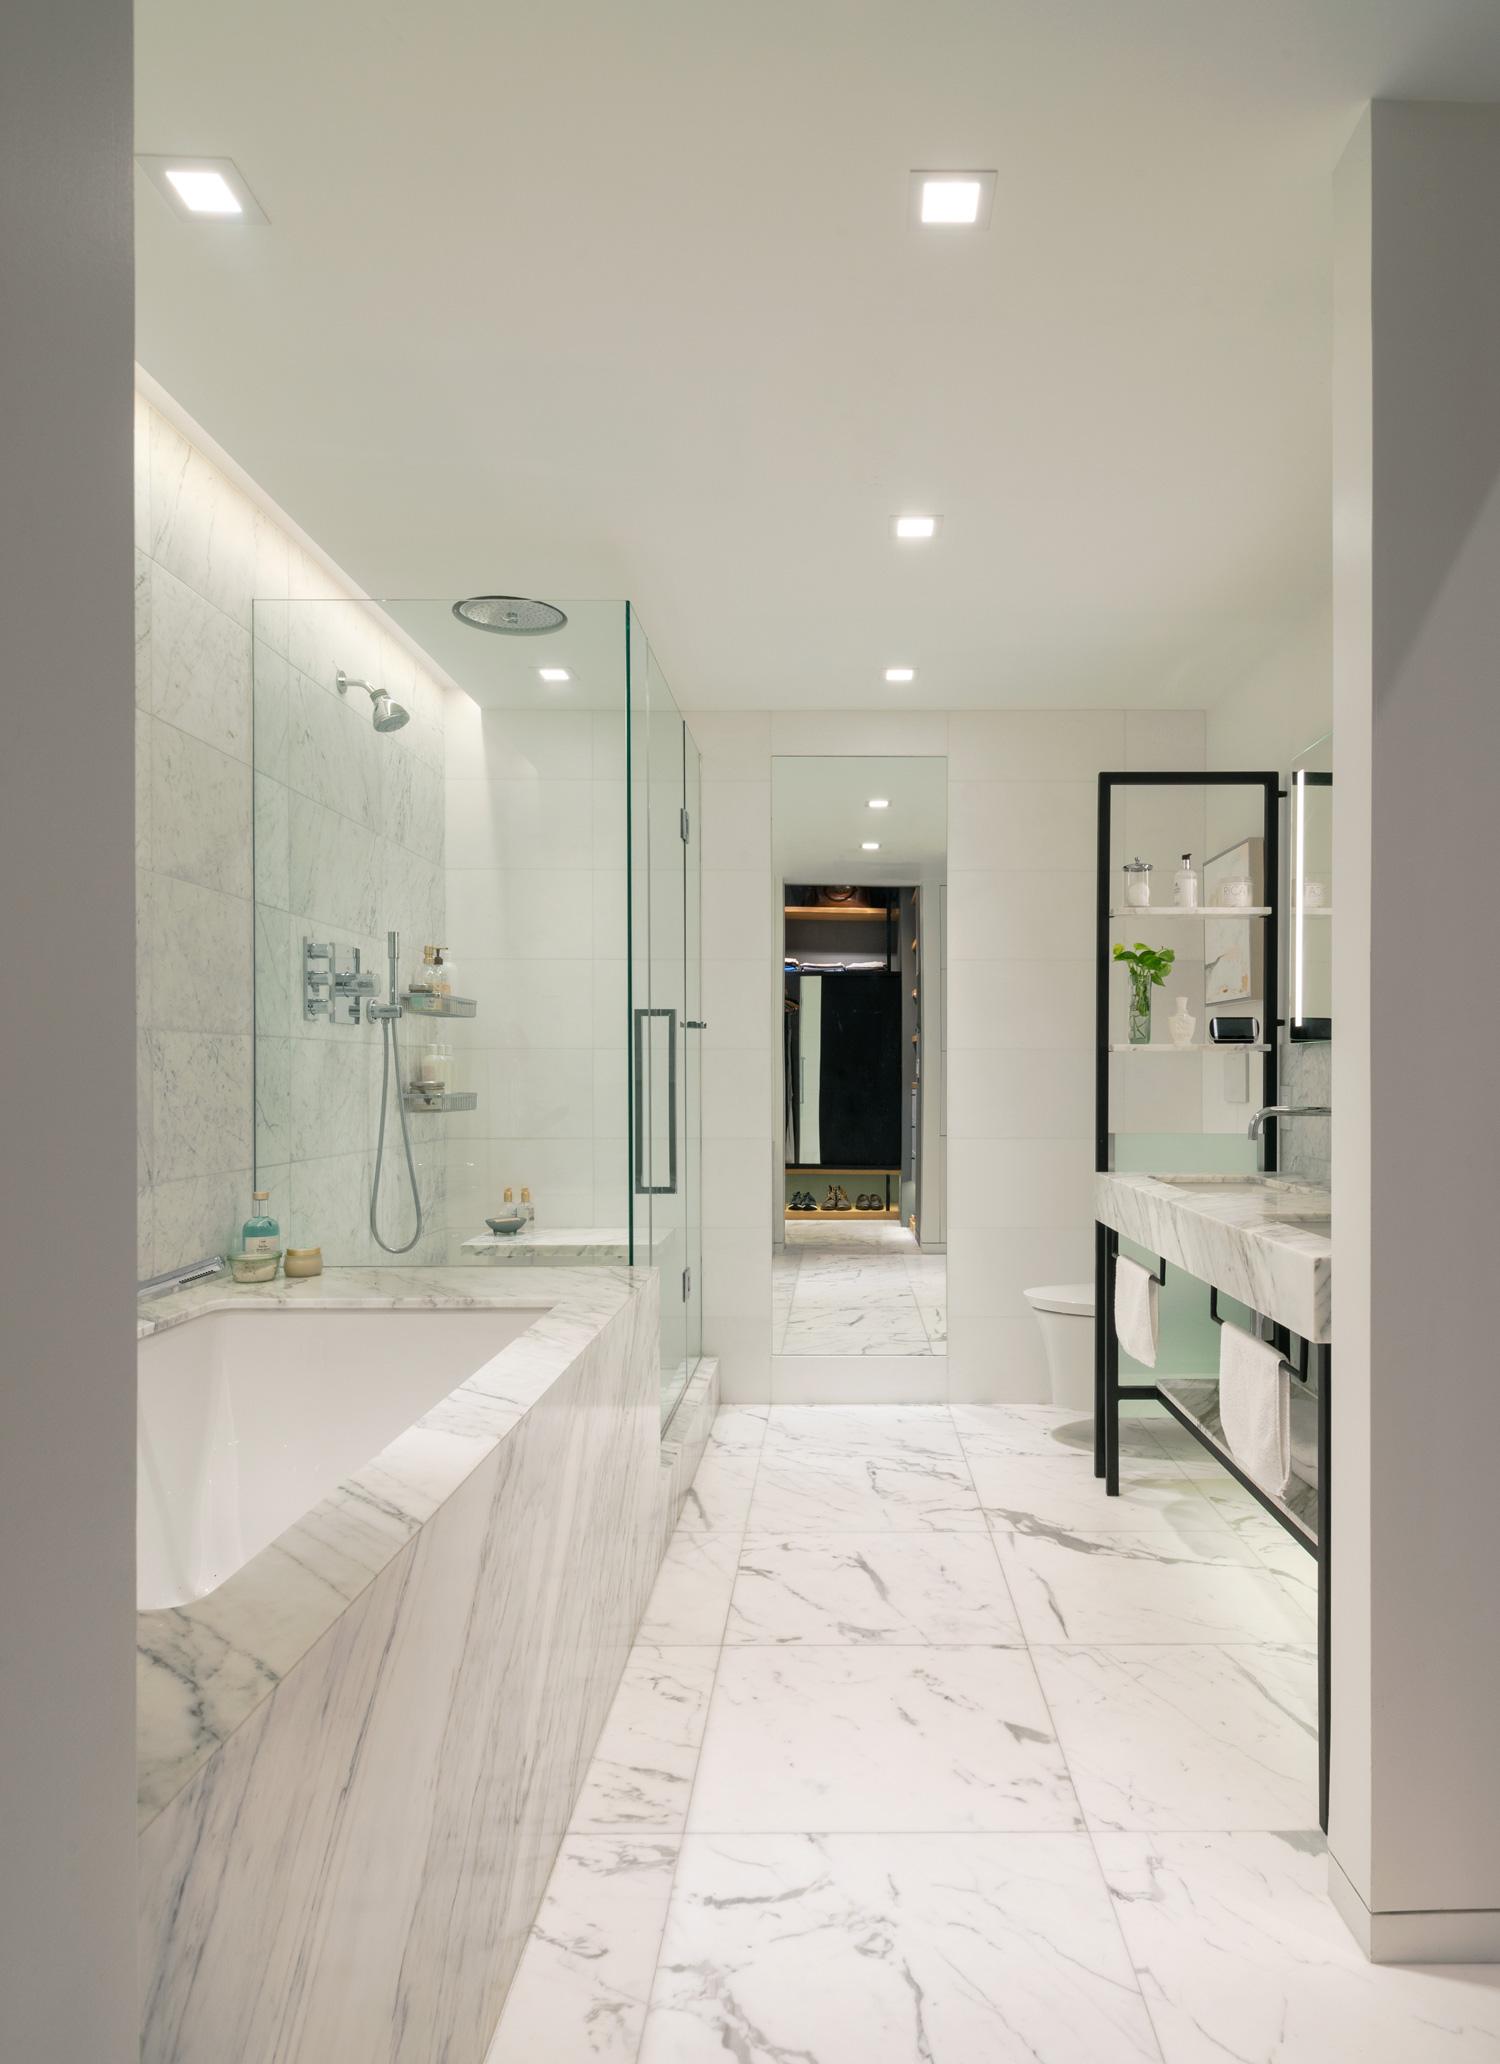 new-york-architect-adi-gershoni-master-bathroom-3.jpg